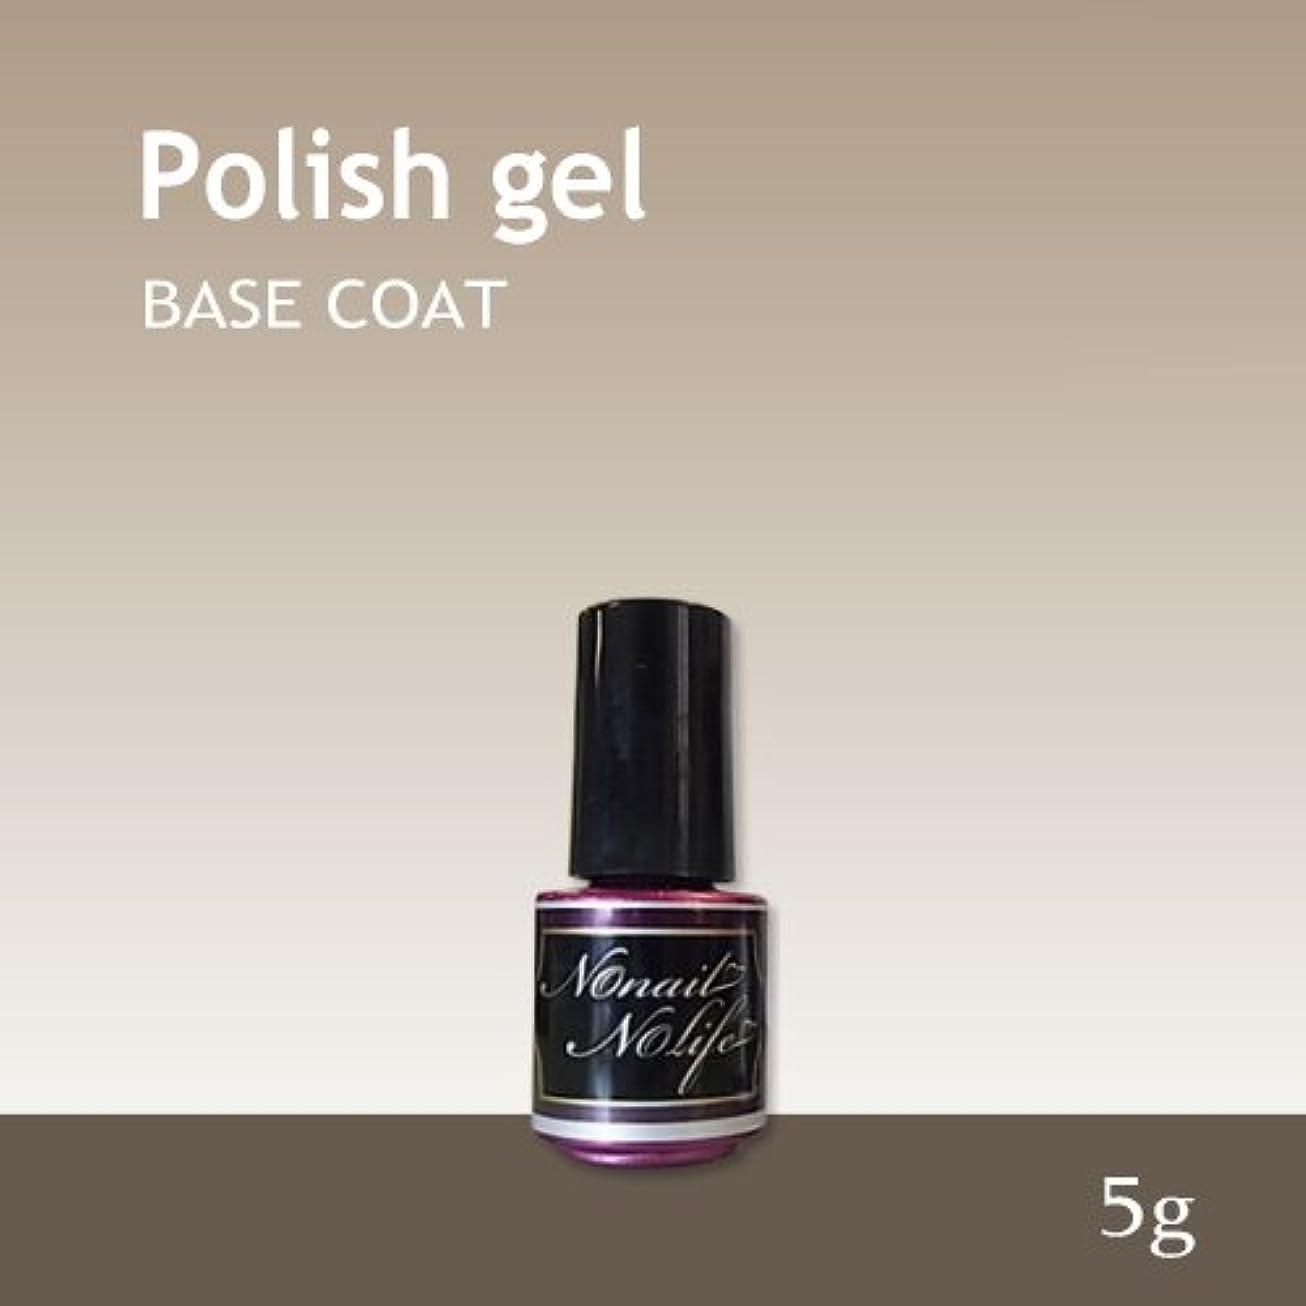 砲兵傾向がんばり続けるジェルネイル《サンディング不要のベースコート》Natural Polish ポリッシュベースジェル(5g)